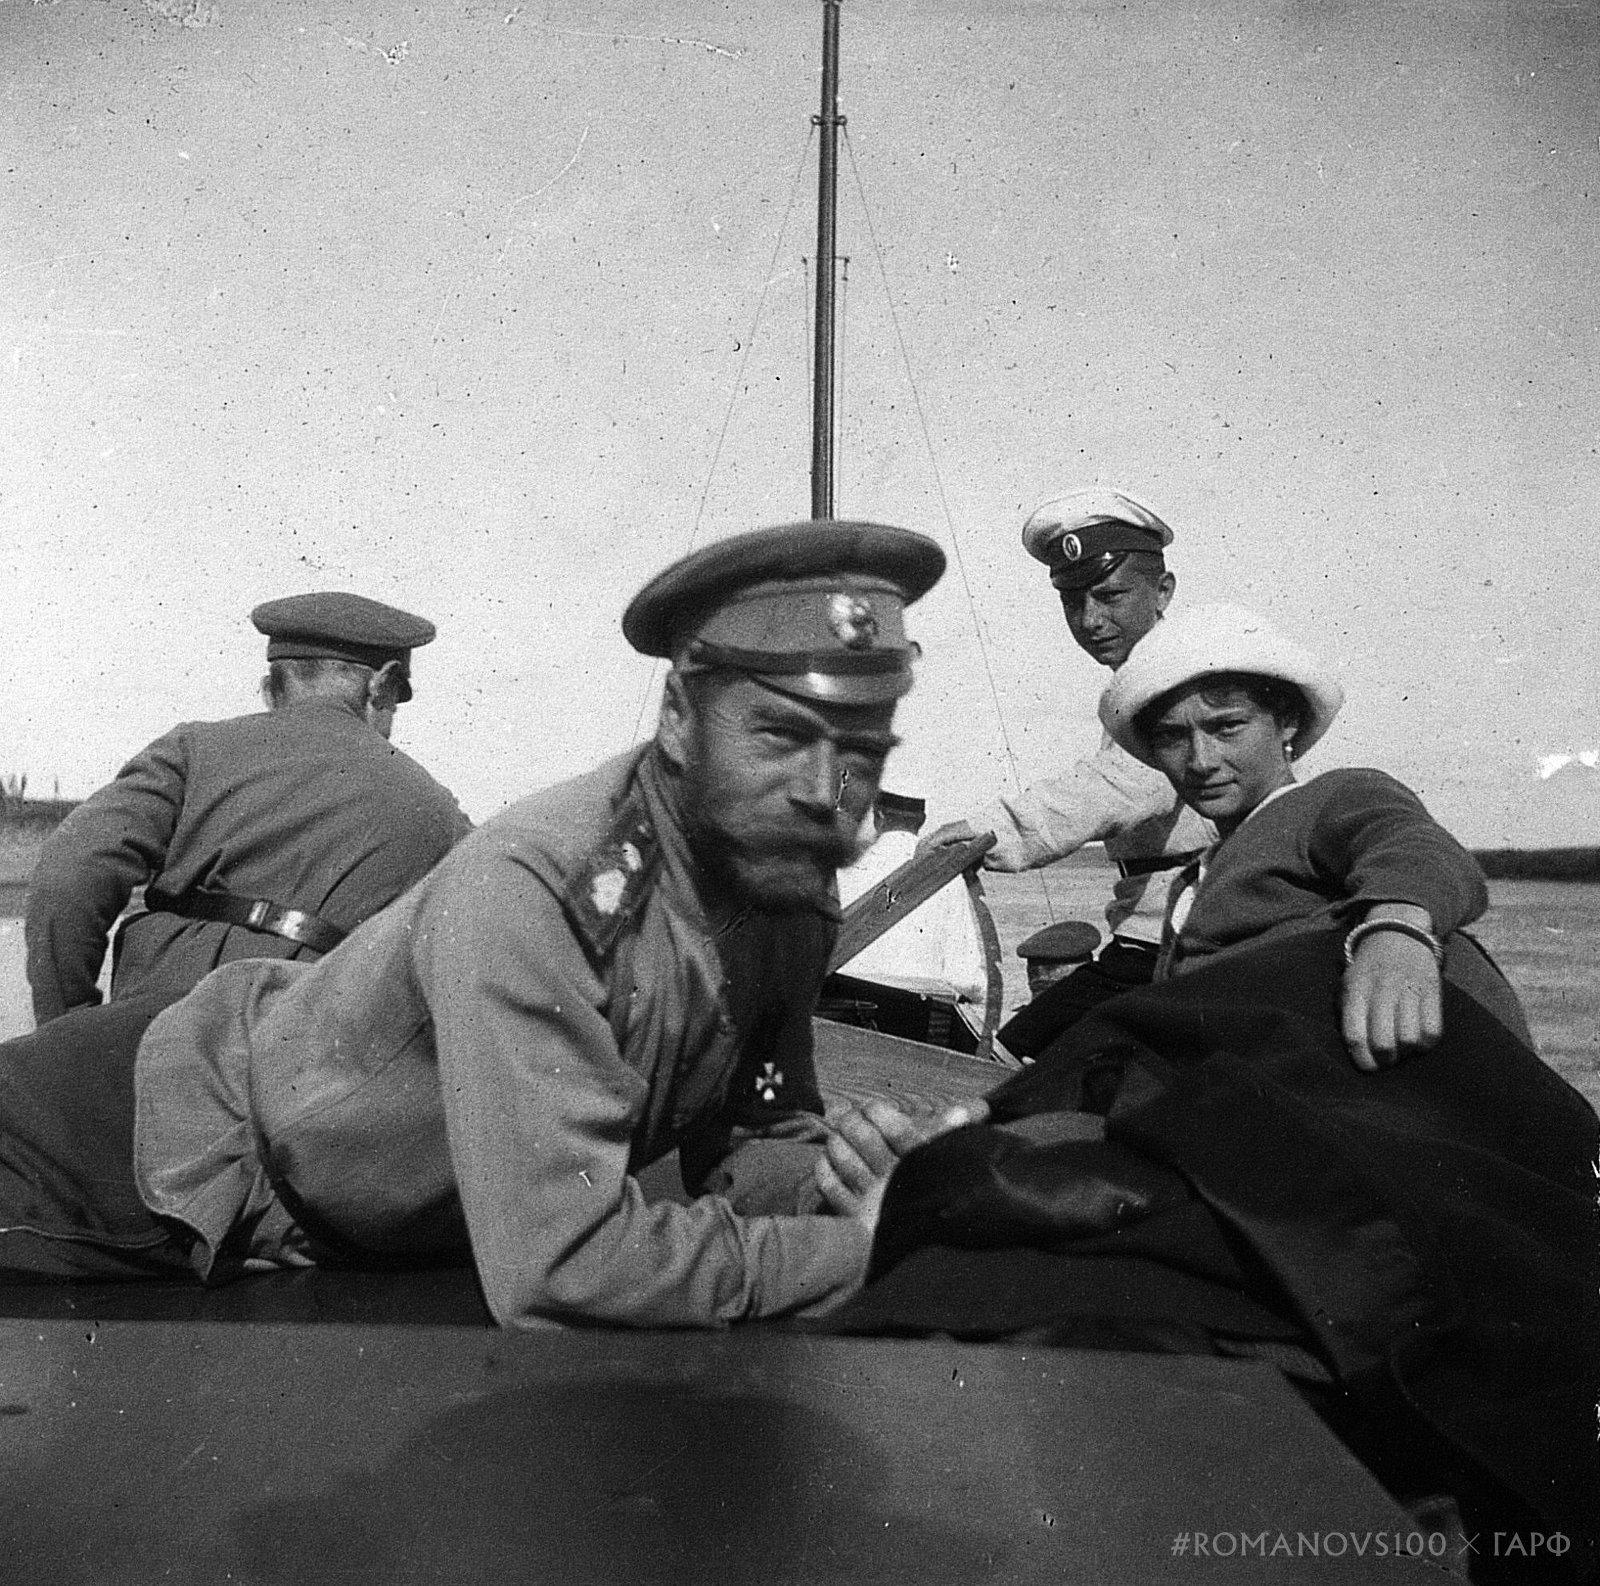 #Romanovs100. Les dernières décennies de la Russie impériale